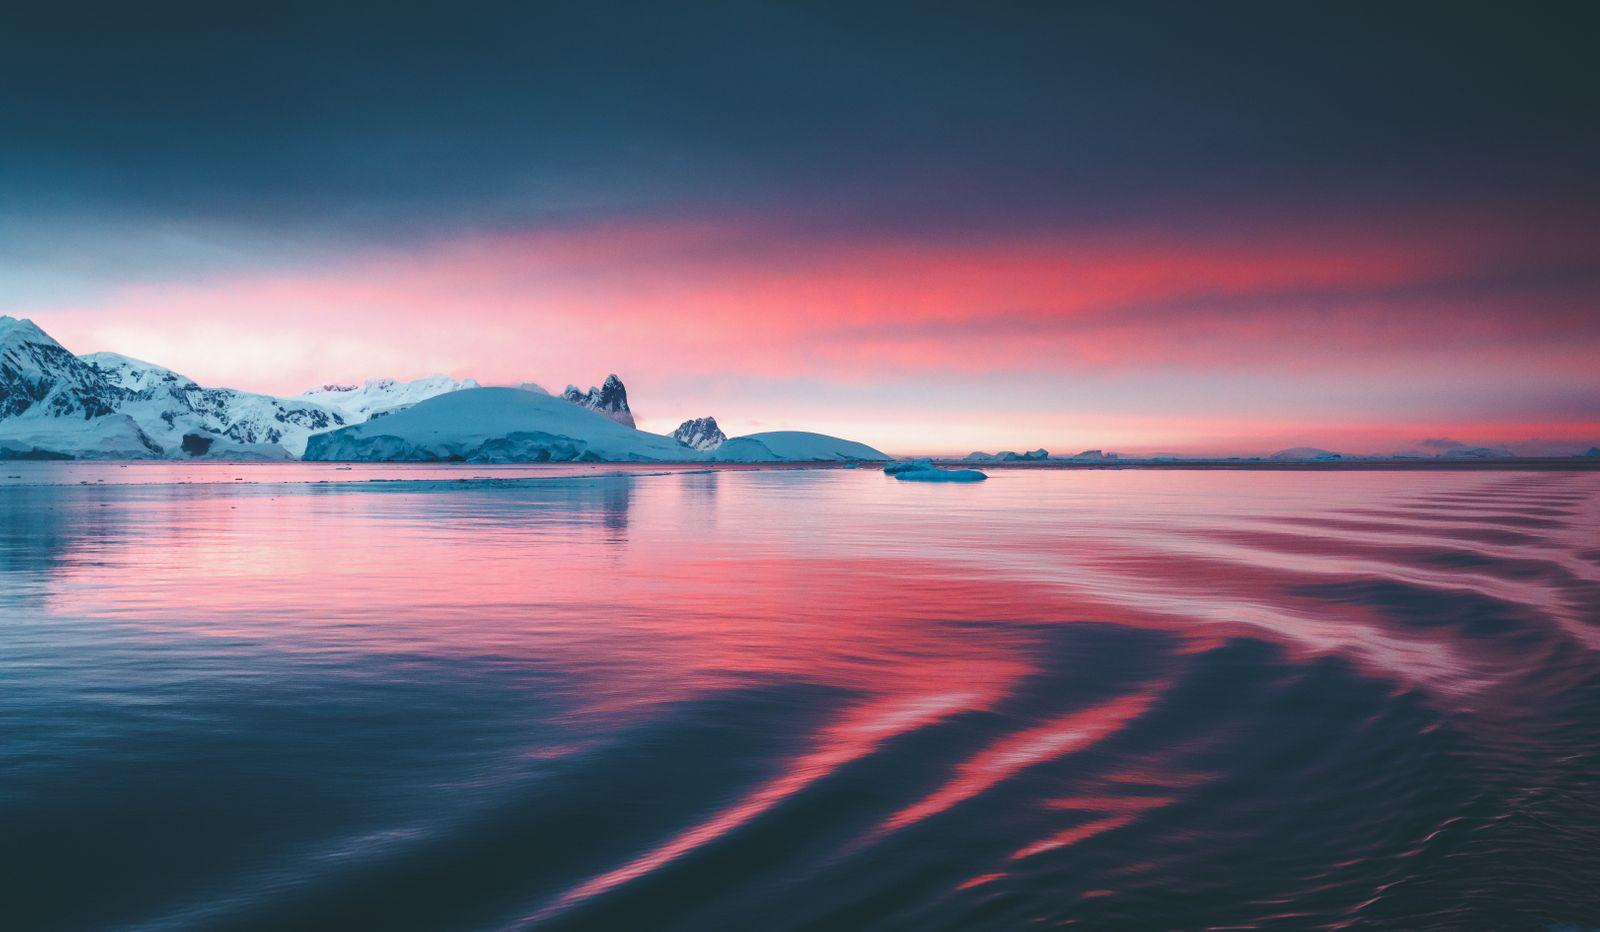 Stunning sunset on the Antarctic peninsula